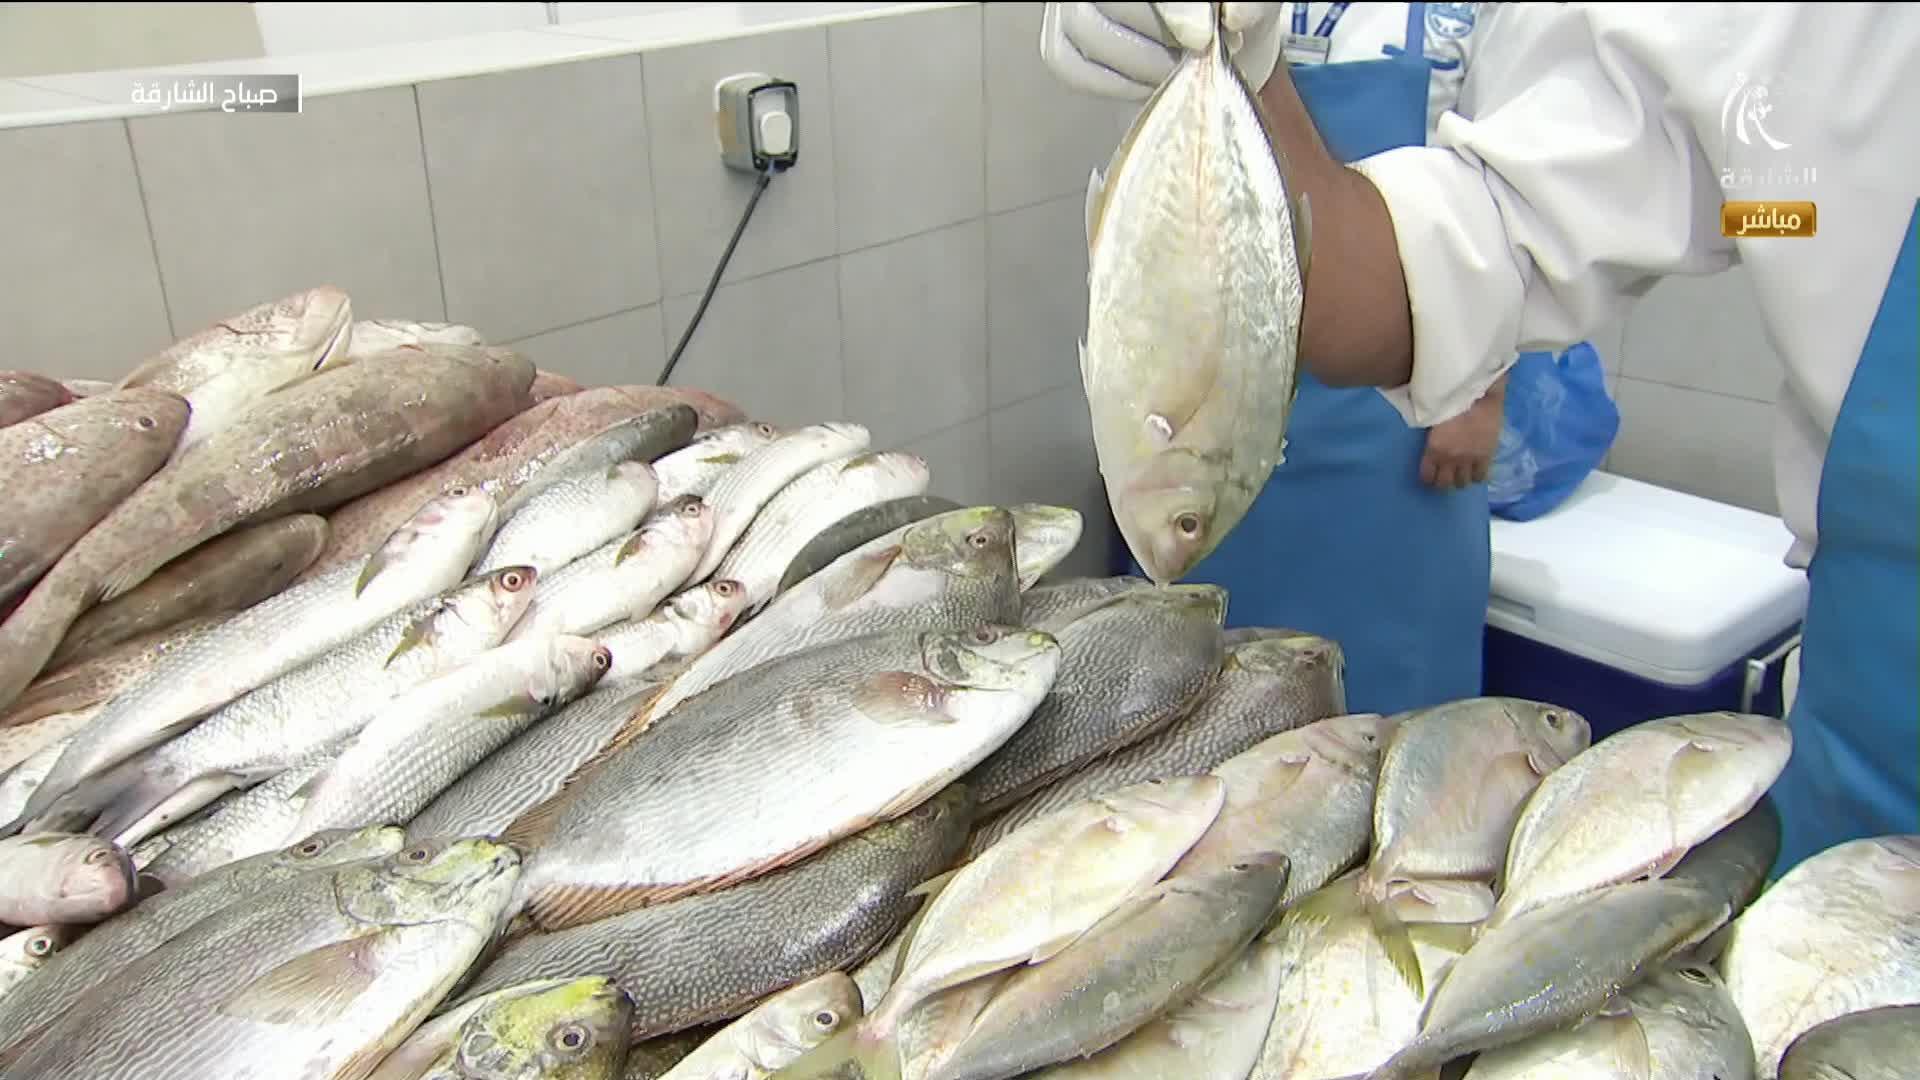 أسعار الأسماك في سوق الجبيل 19-10-2021